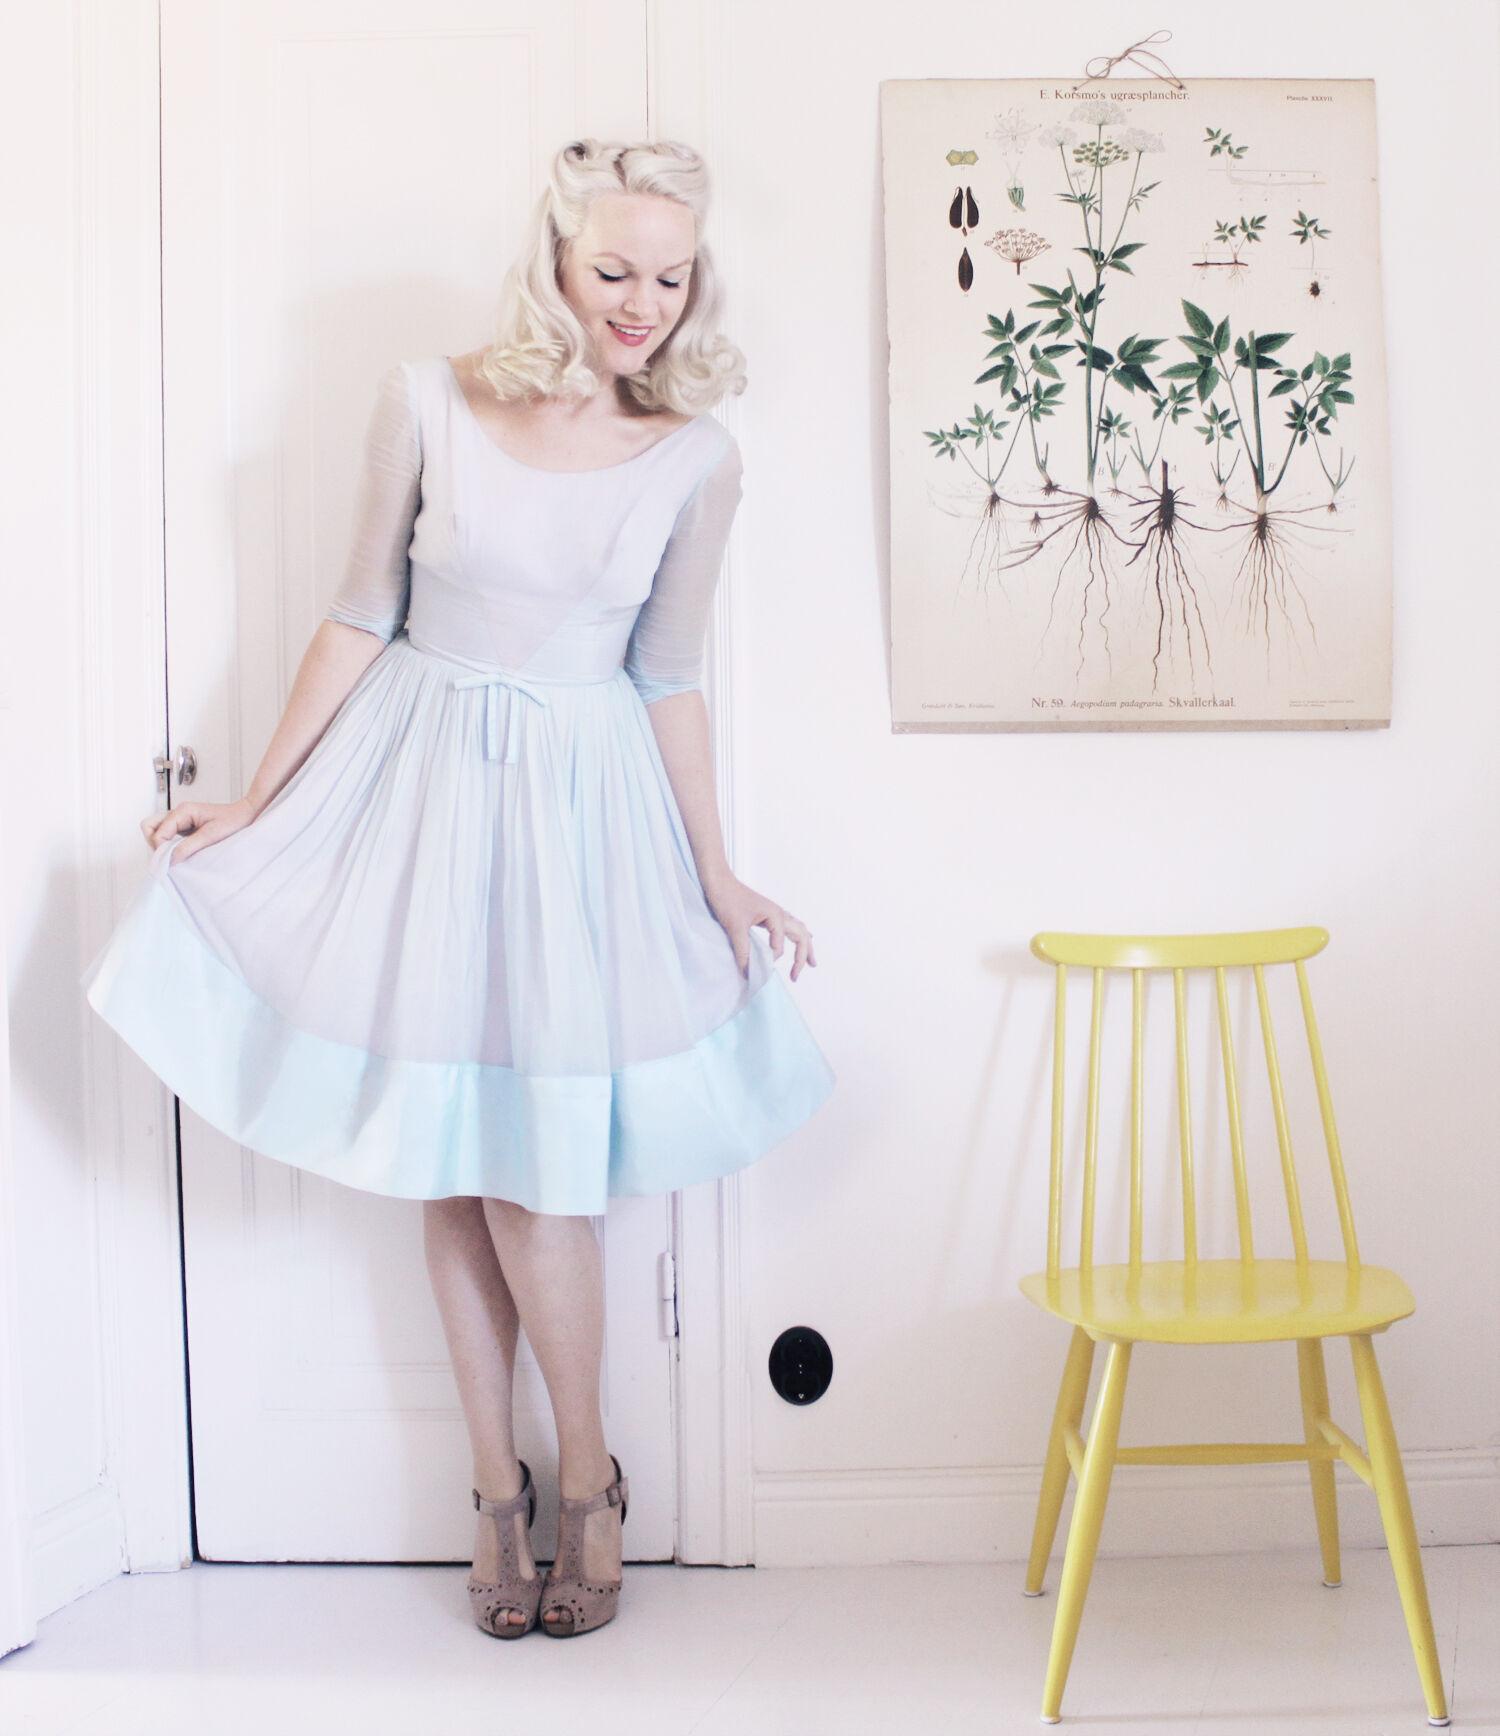 vintageklänning klänning emmas vintage klänning bröllop